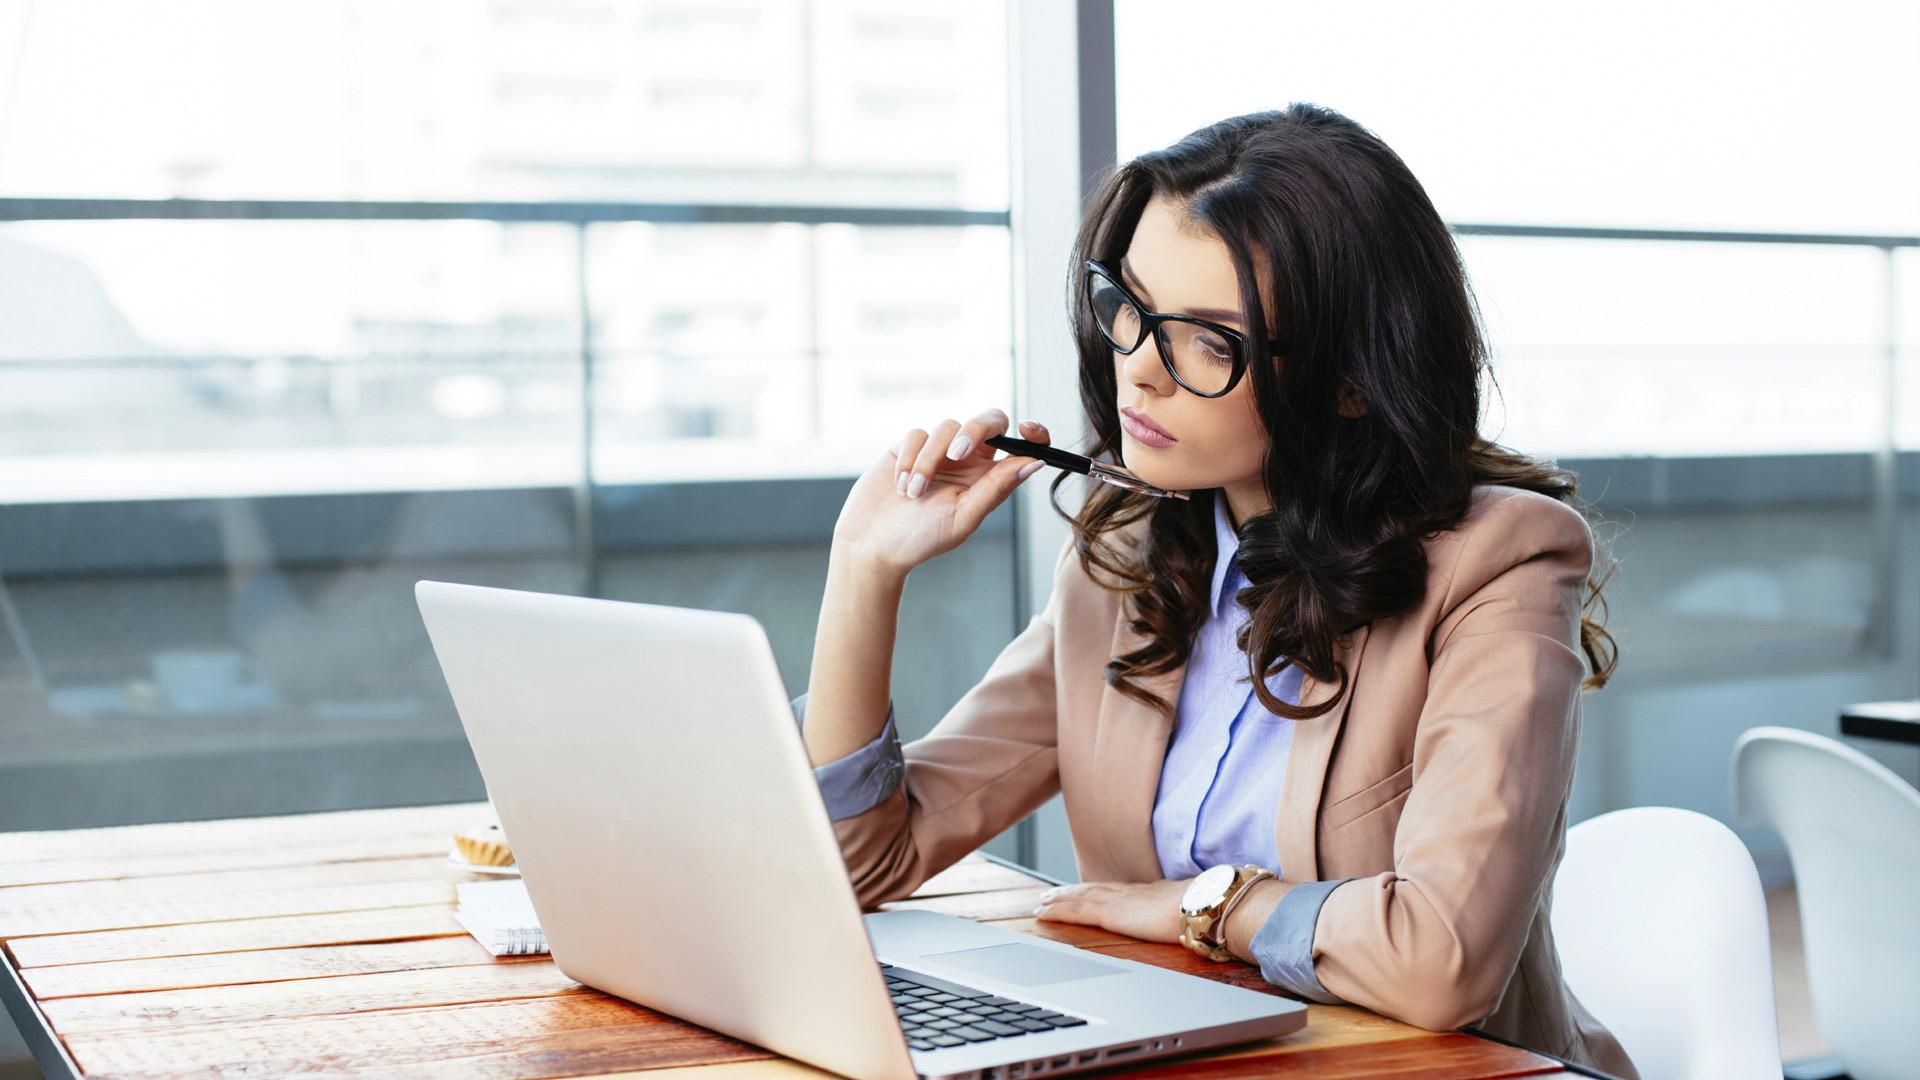 En comparación con los hombres, las féminas tienen mayor disposición al emprendimiento